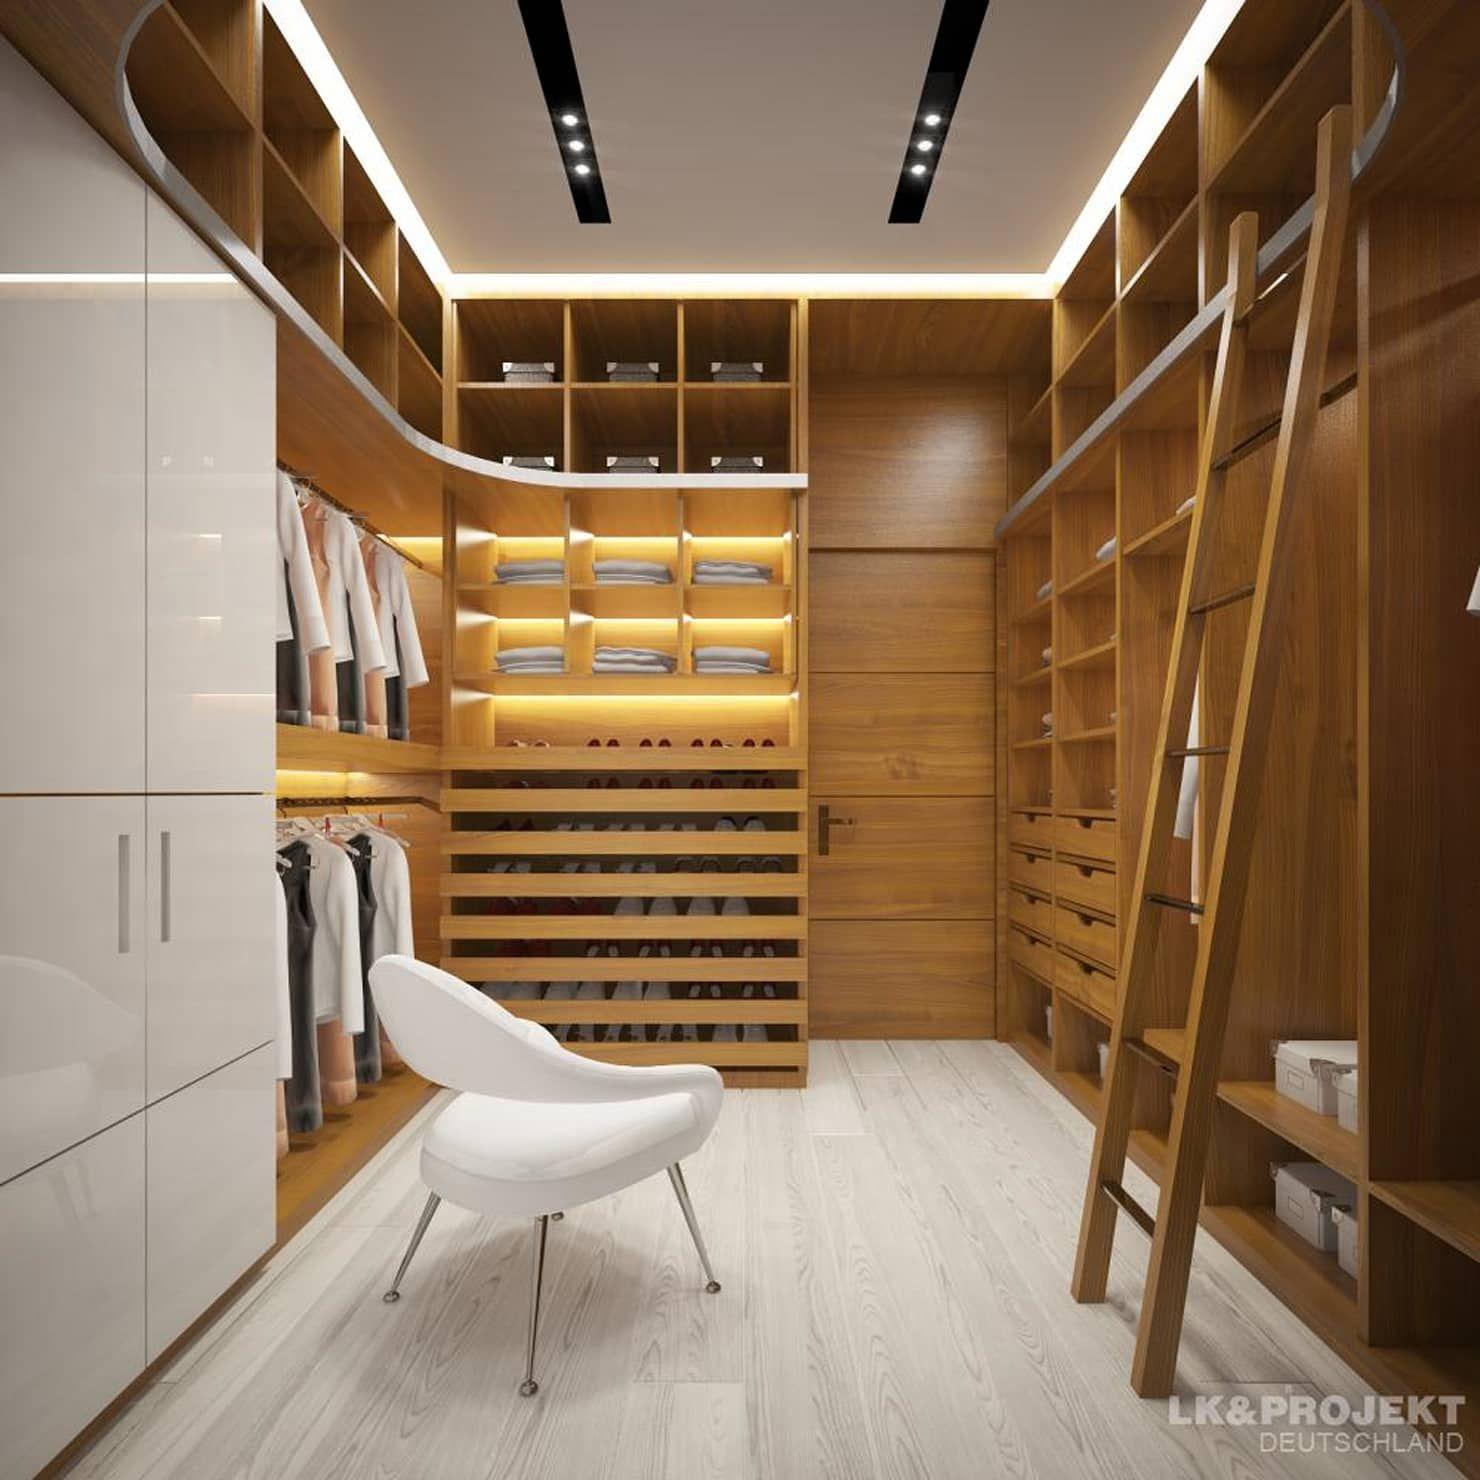 Wohnzimmer, Küche, Schlafzimmer, Bad; Garderobe, Swimmingpool, Sauna    Nicht Nur Die Aussicht Ist Fantastisch... : Moderne Ankleidezimmer Von  LKu0026Projekt ...